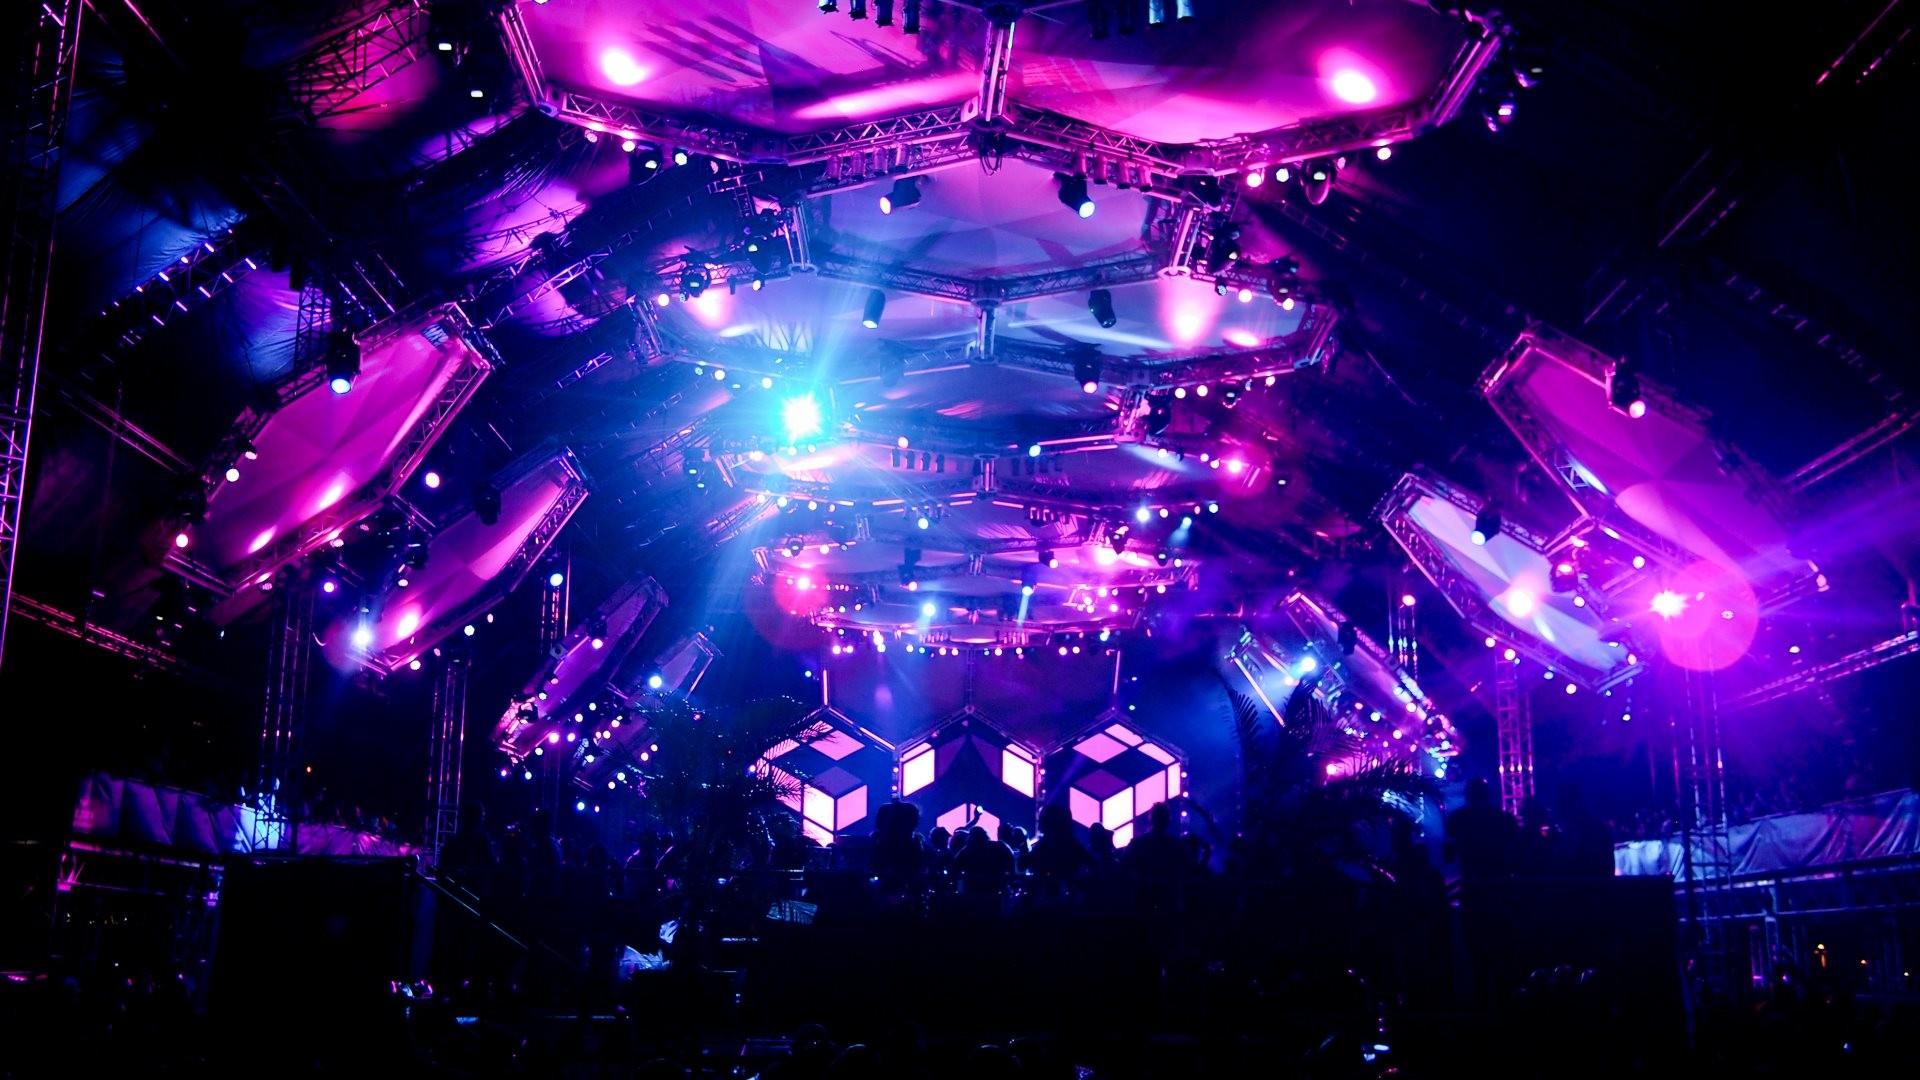 4K HD Wallpaper: Armin van Buuren show at Ultra Music Festival 2012